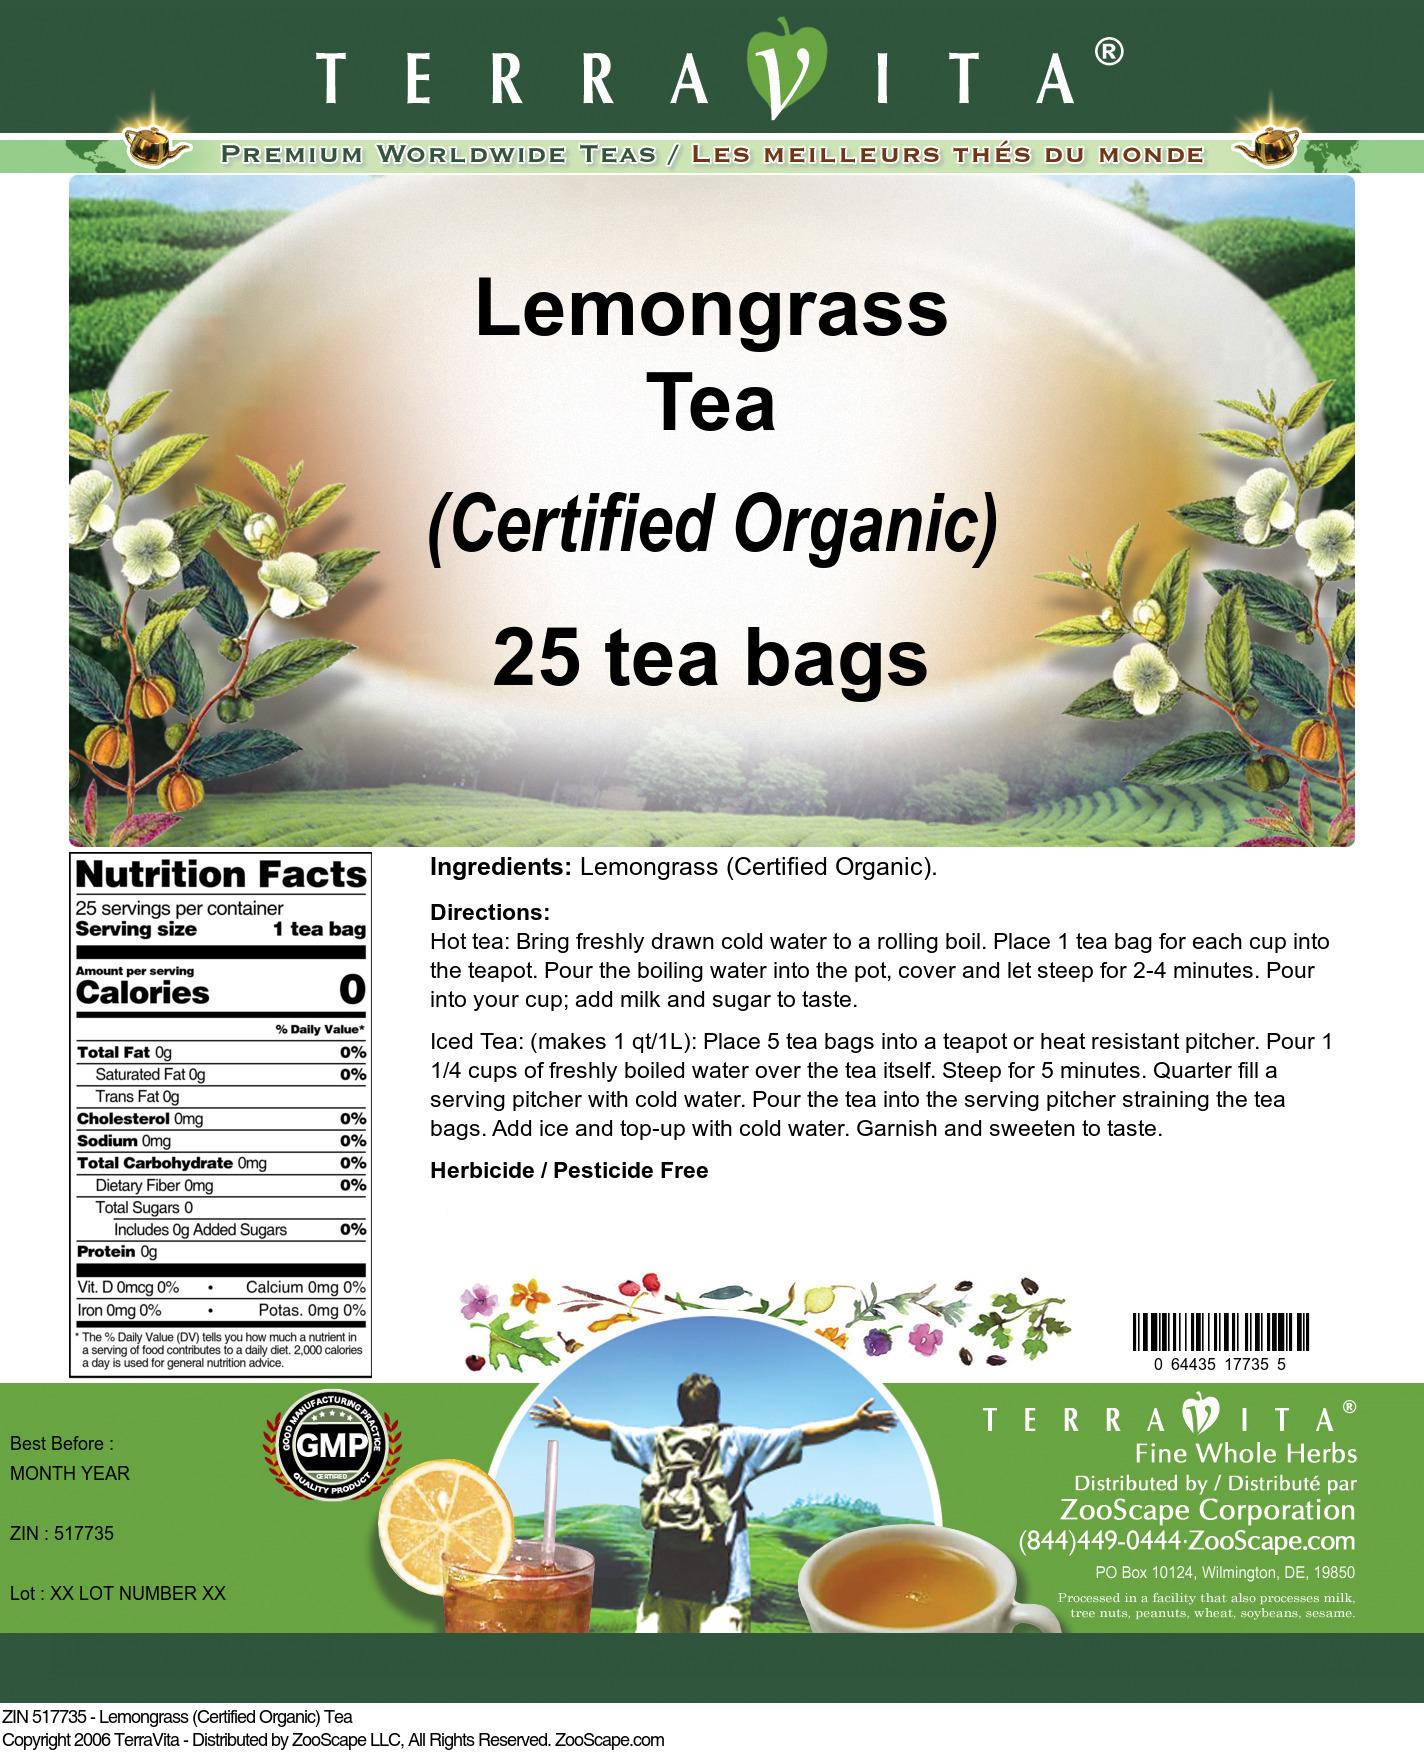 Lemongrass (Certified Organic) Tea